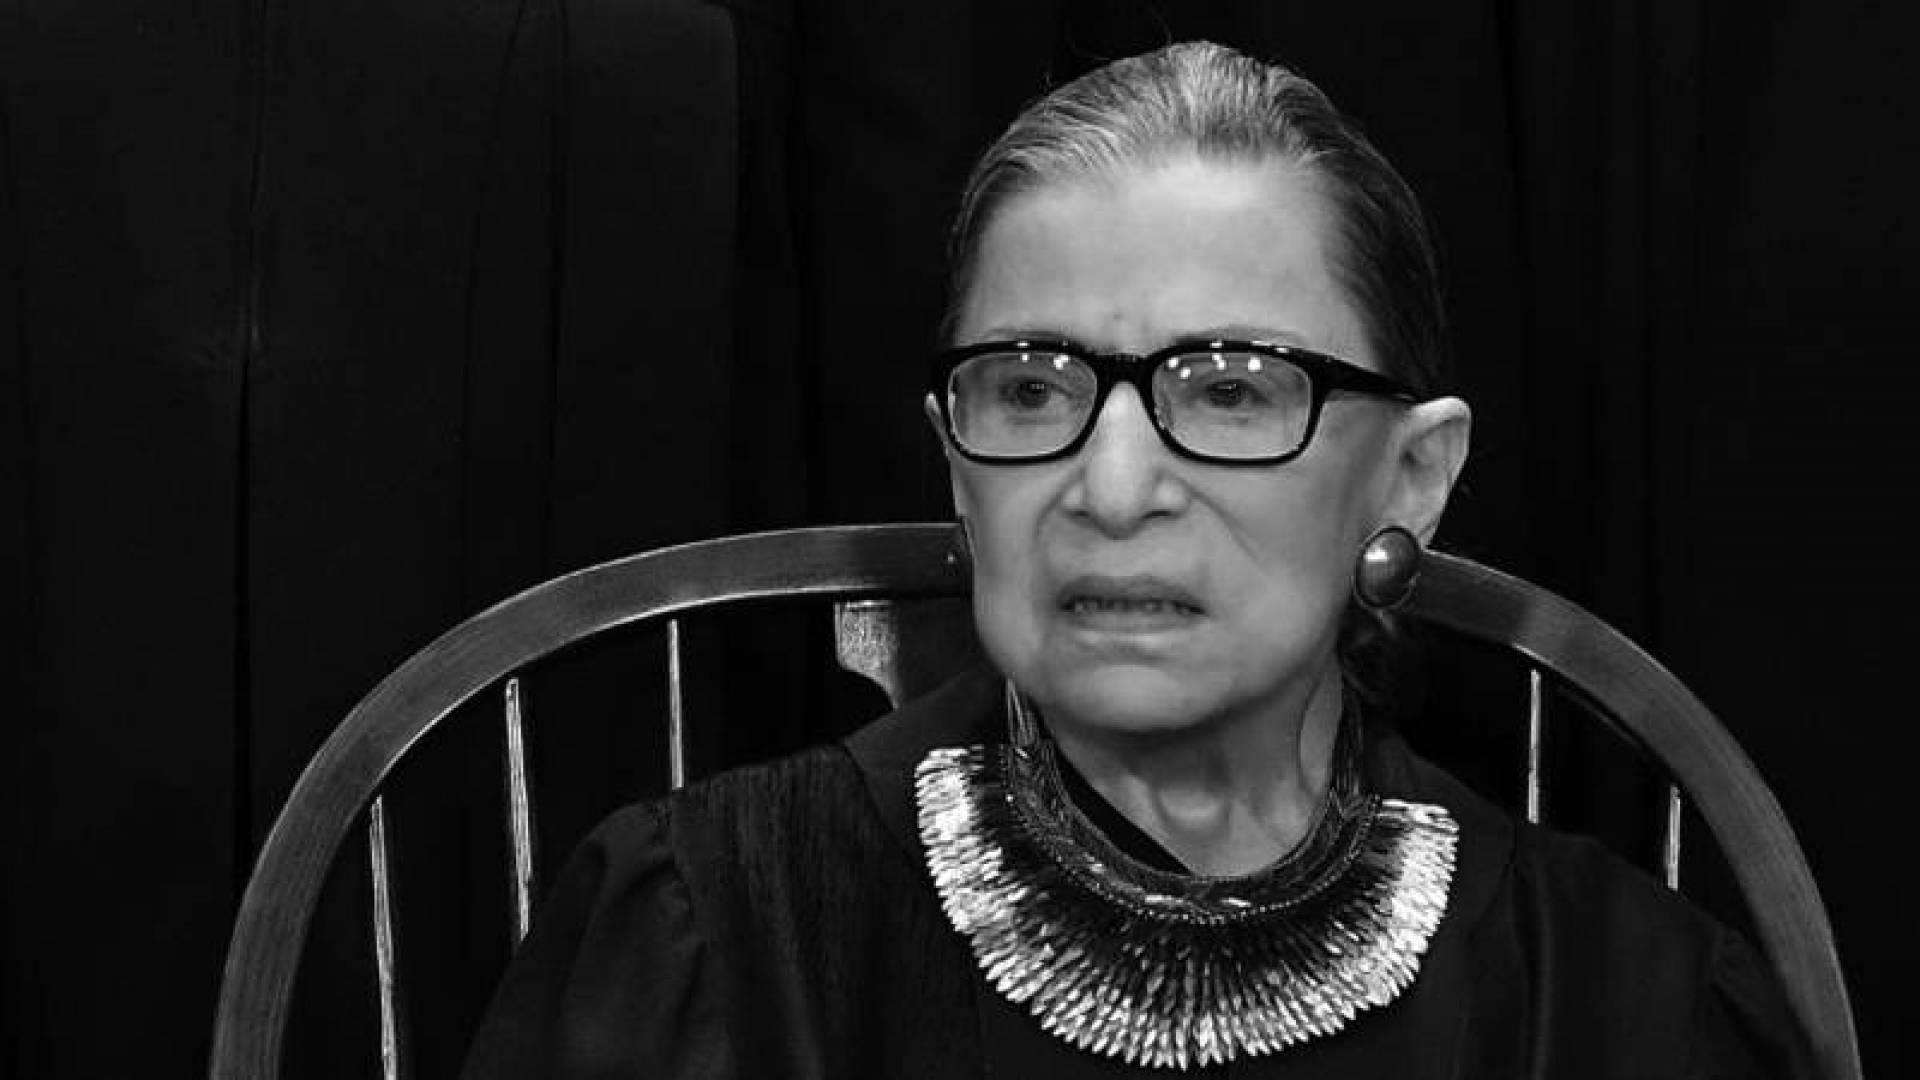 السرطان يغيب «روث بادر» أبرز قاضية أميركية.. وترامب يسابق الزمن لتعيين خليفتها